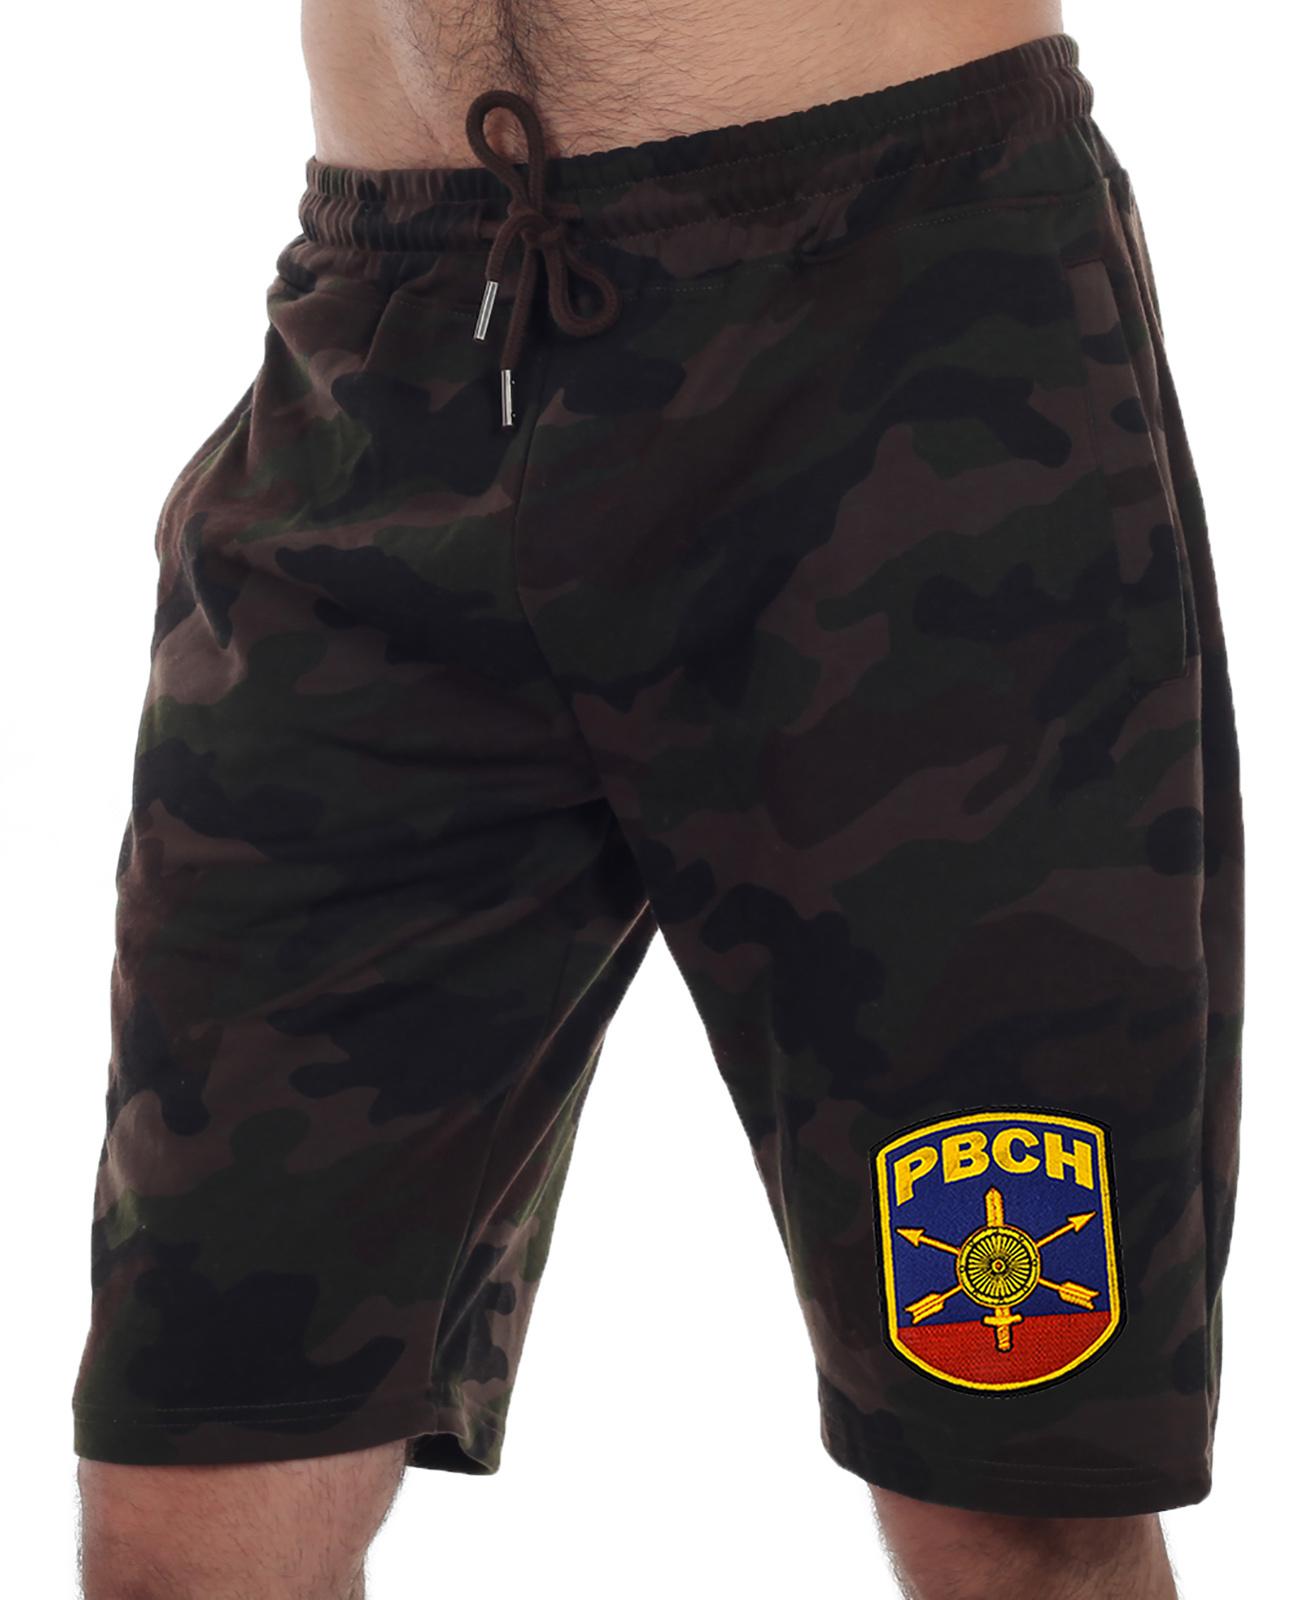 Купить камуфляжные шорты удлиненного кроя с нашивкой РВСН оптом или в розницу